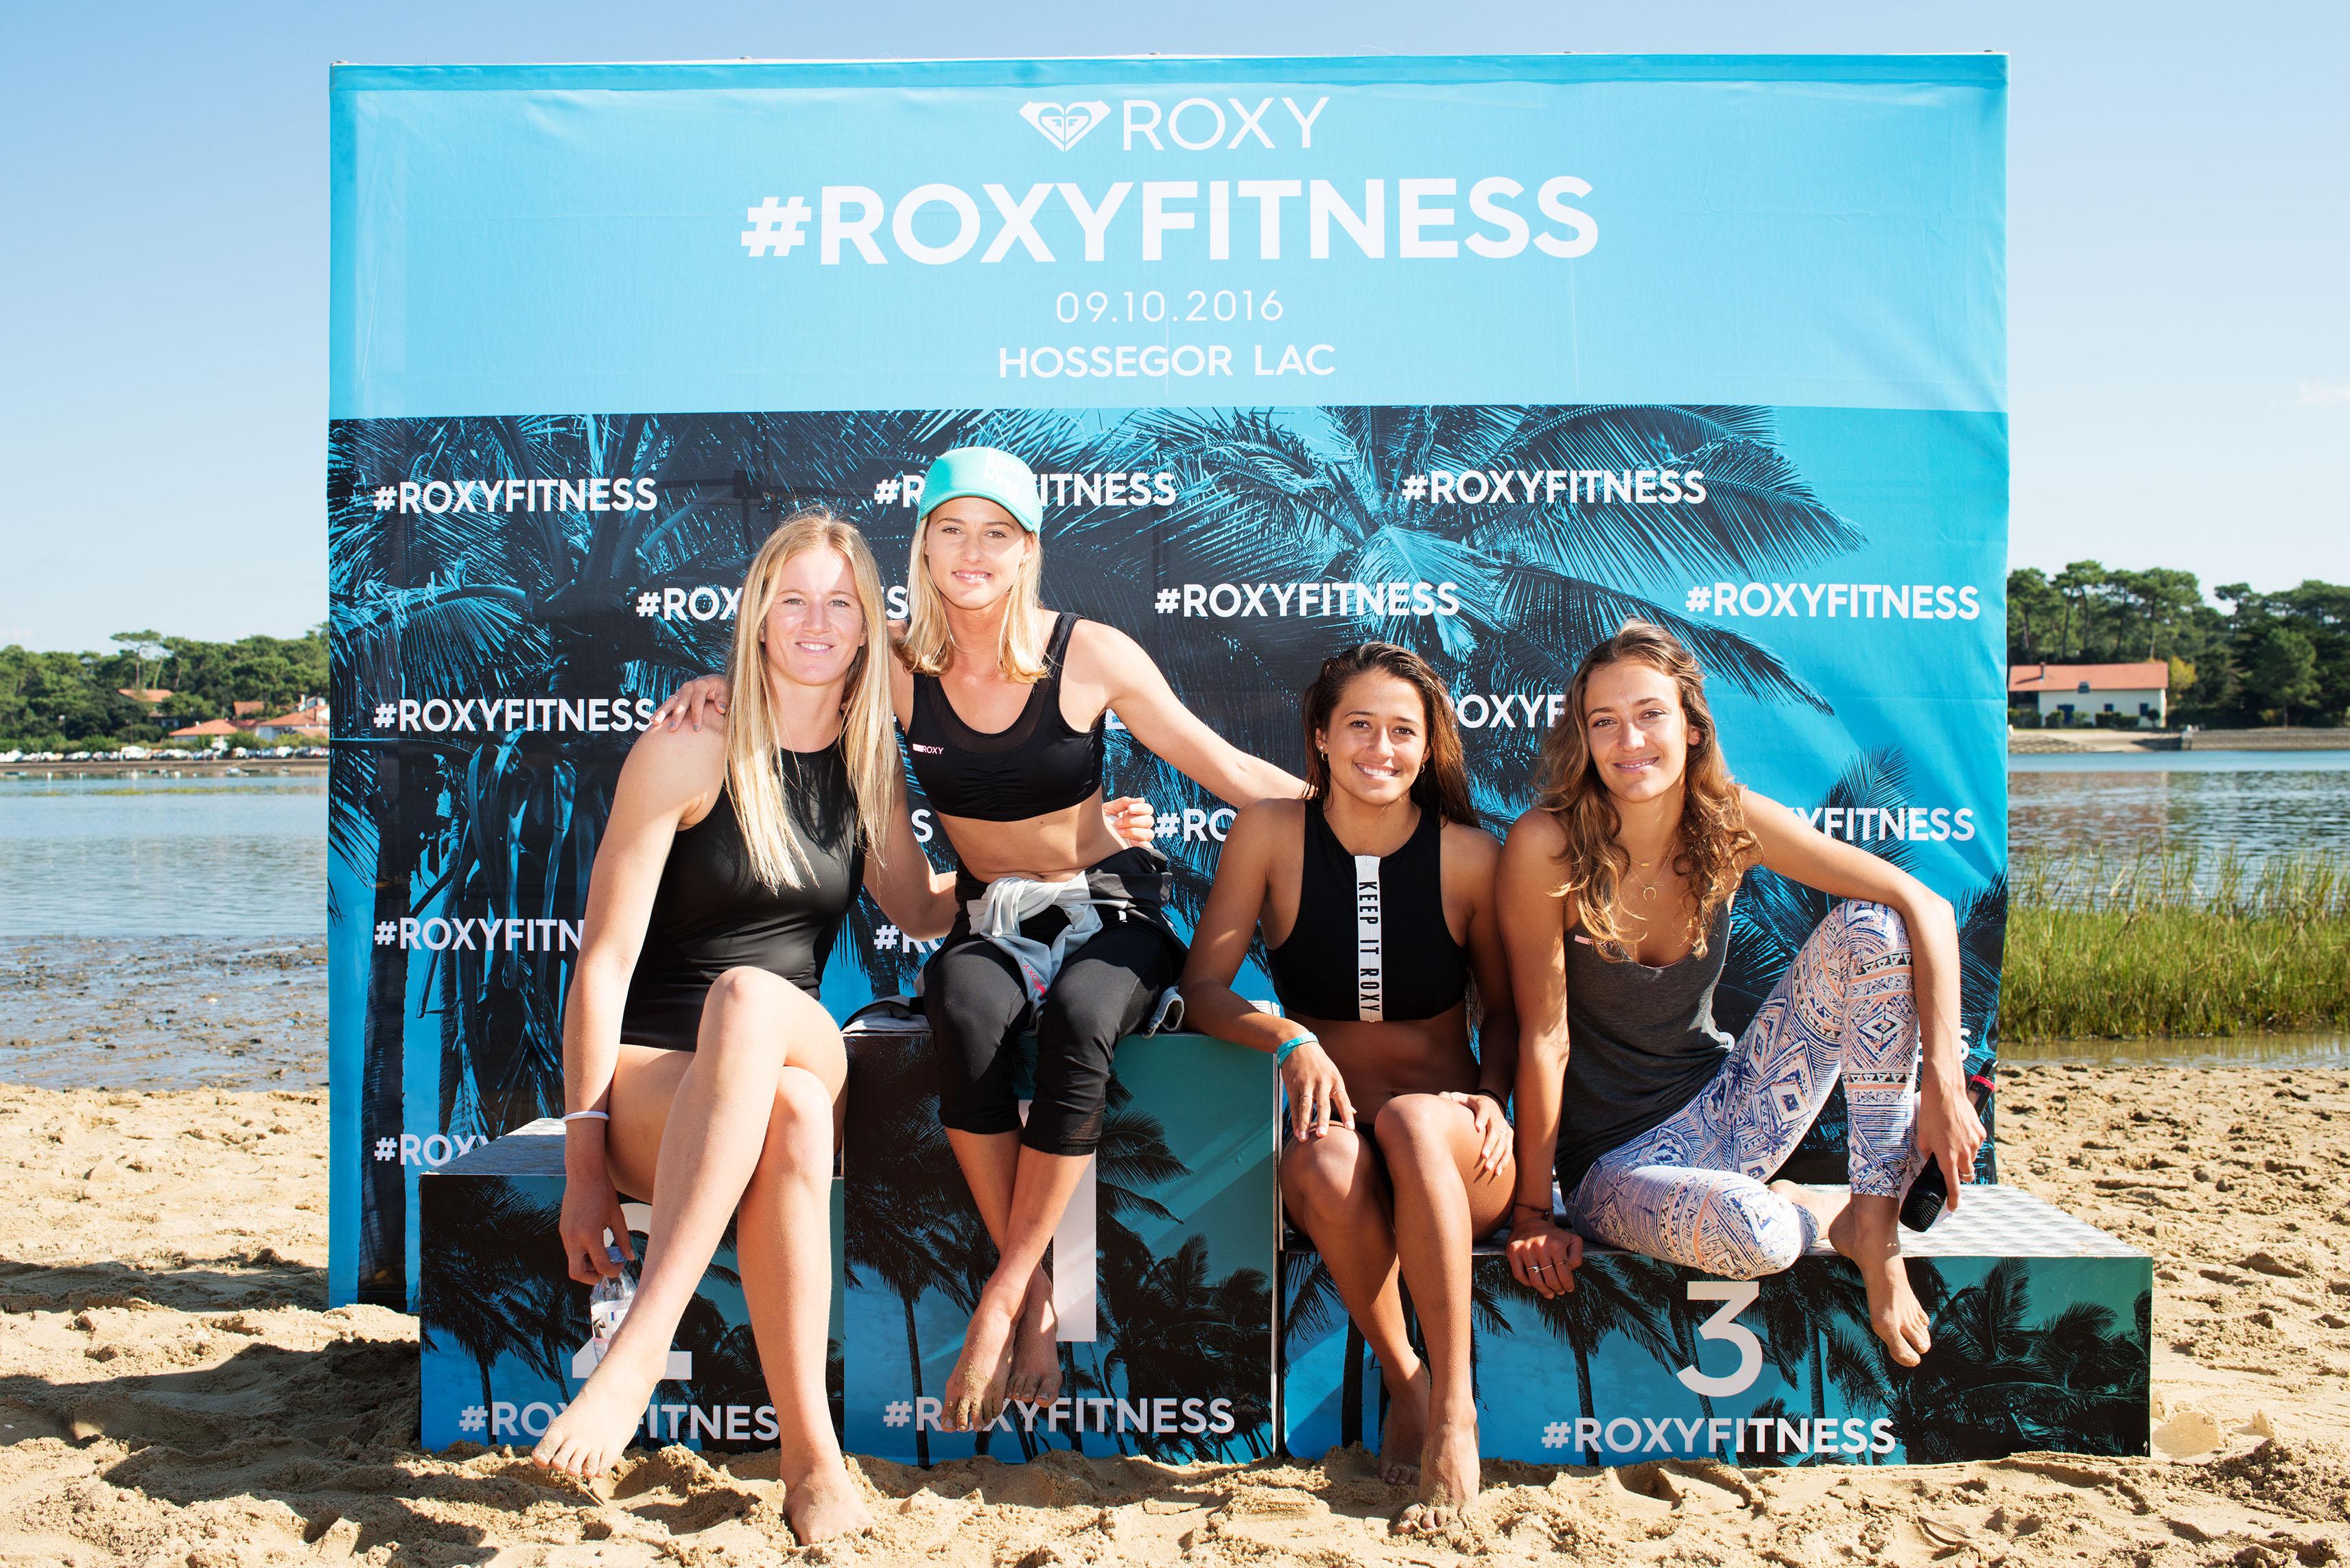 #RoxyFitness au lac d'Hossegor en octobre dans les Landes avec les surfeuses pro